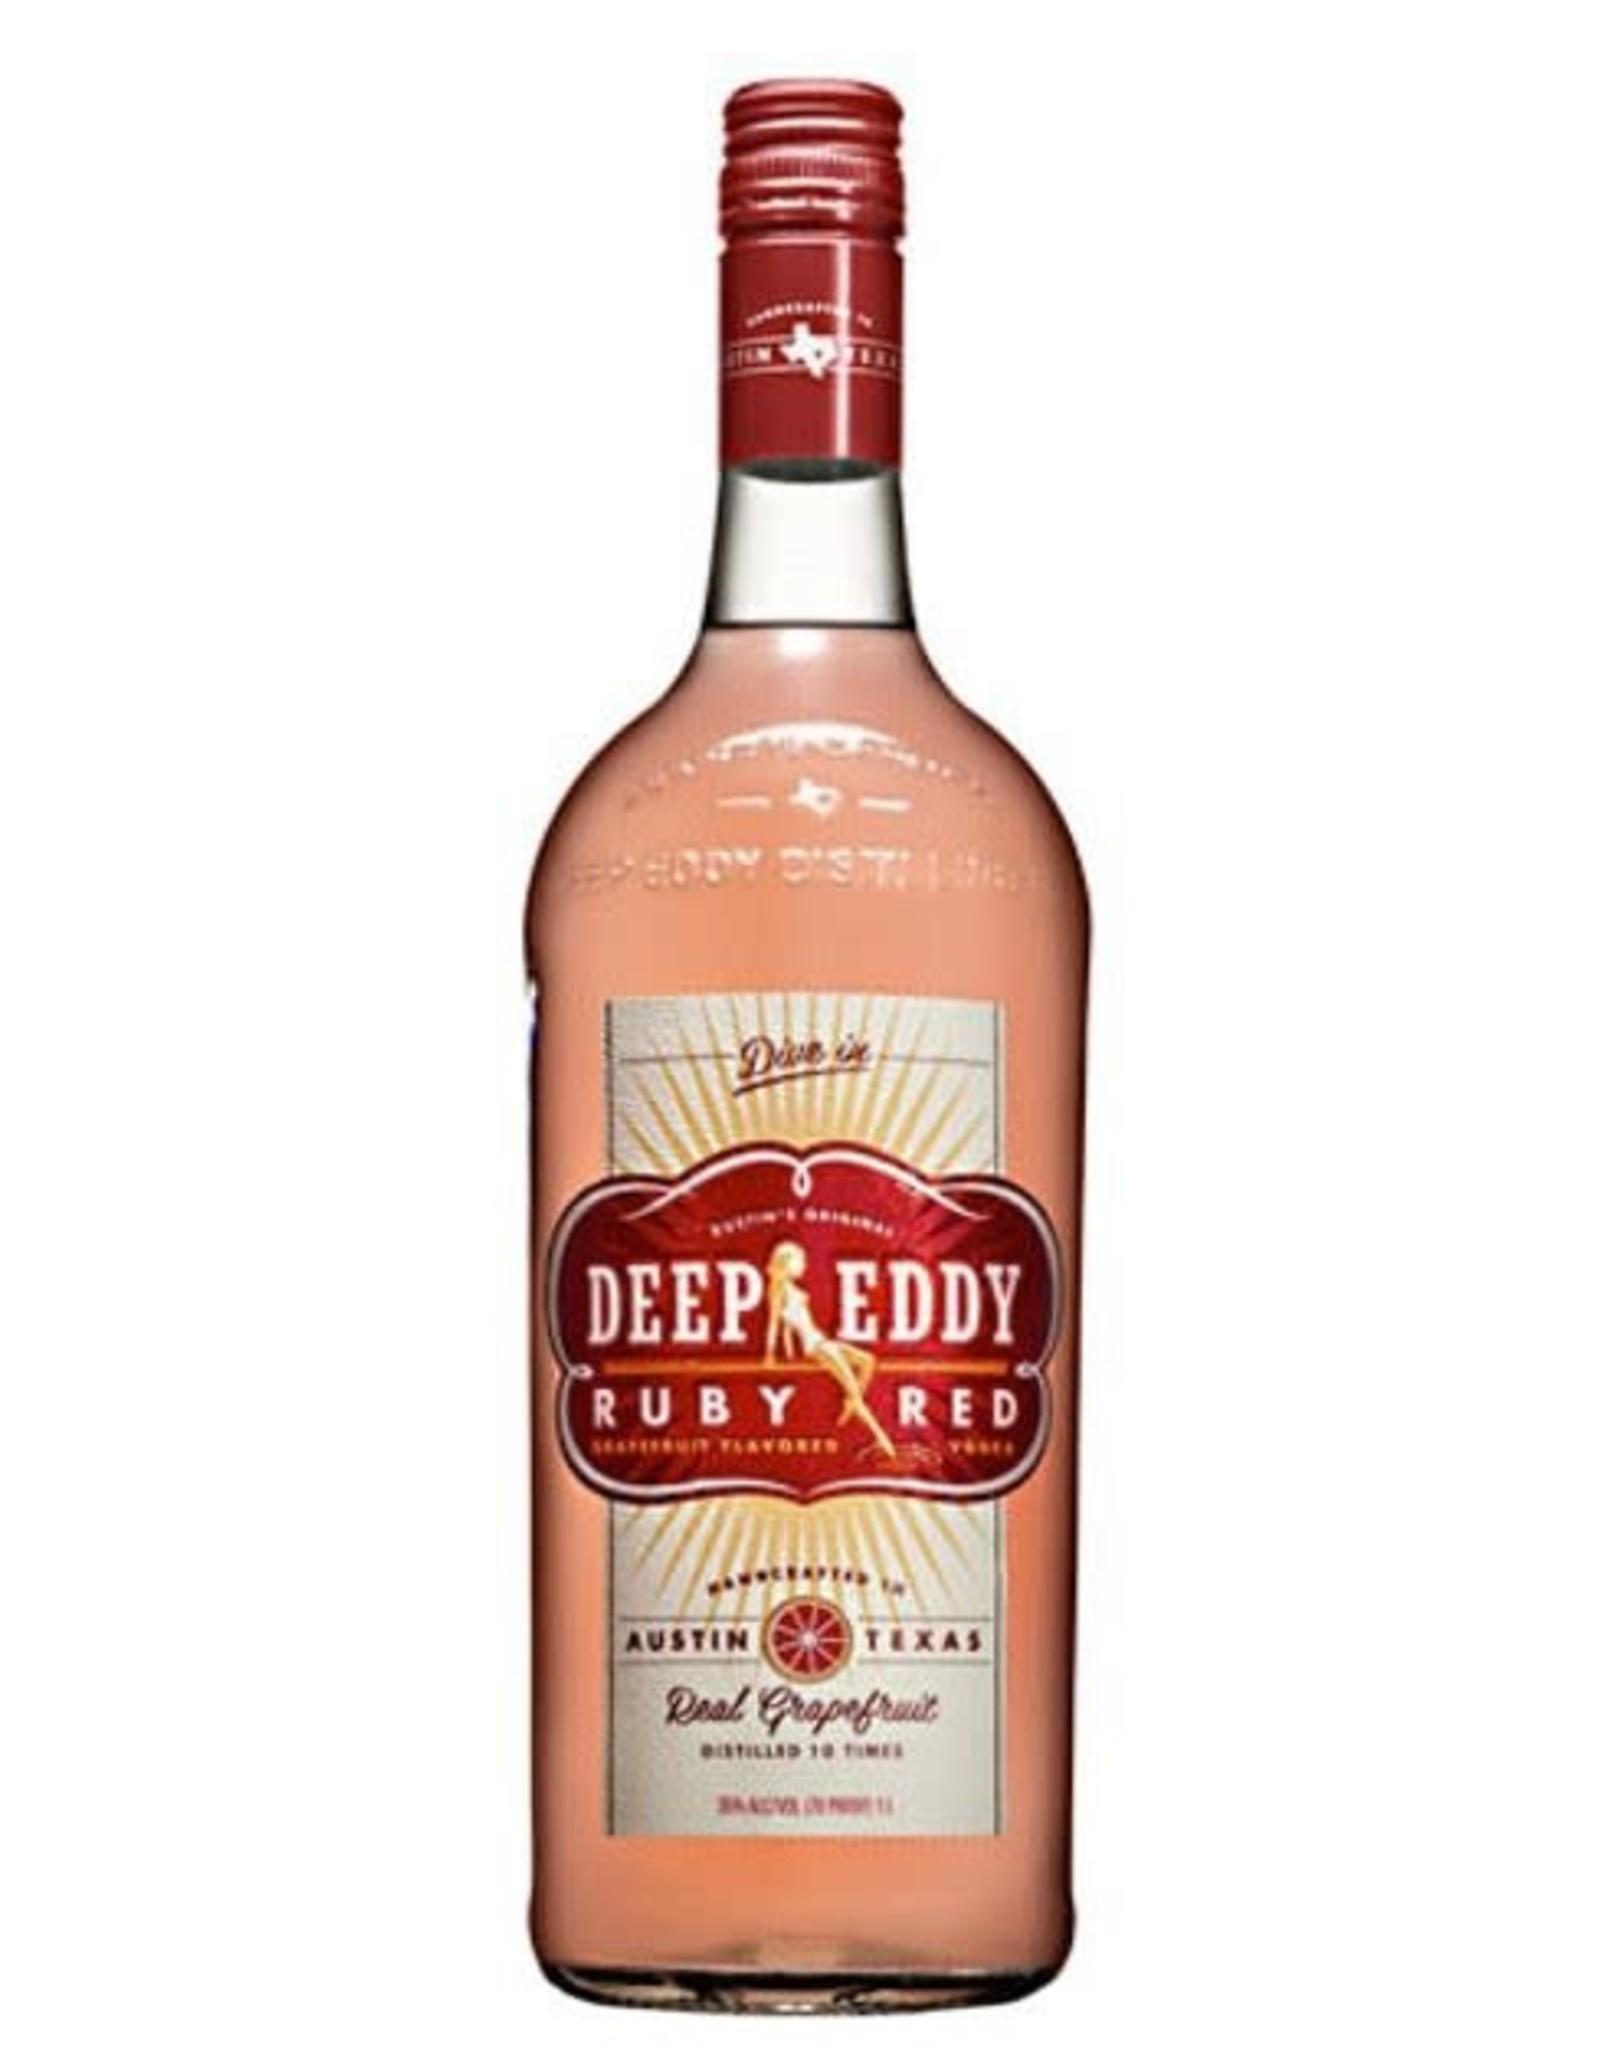 DEEP EDDY RUBY RED VODKA 750ML